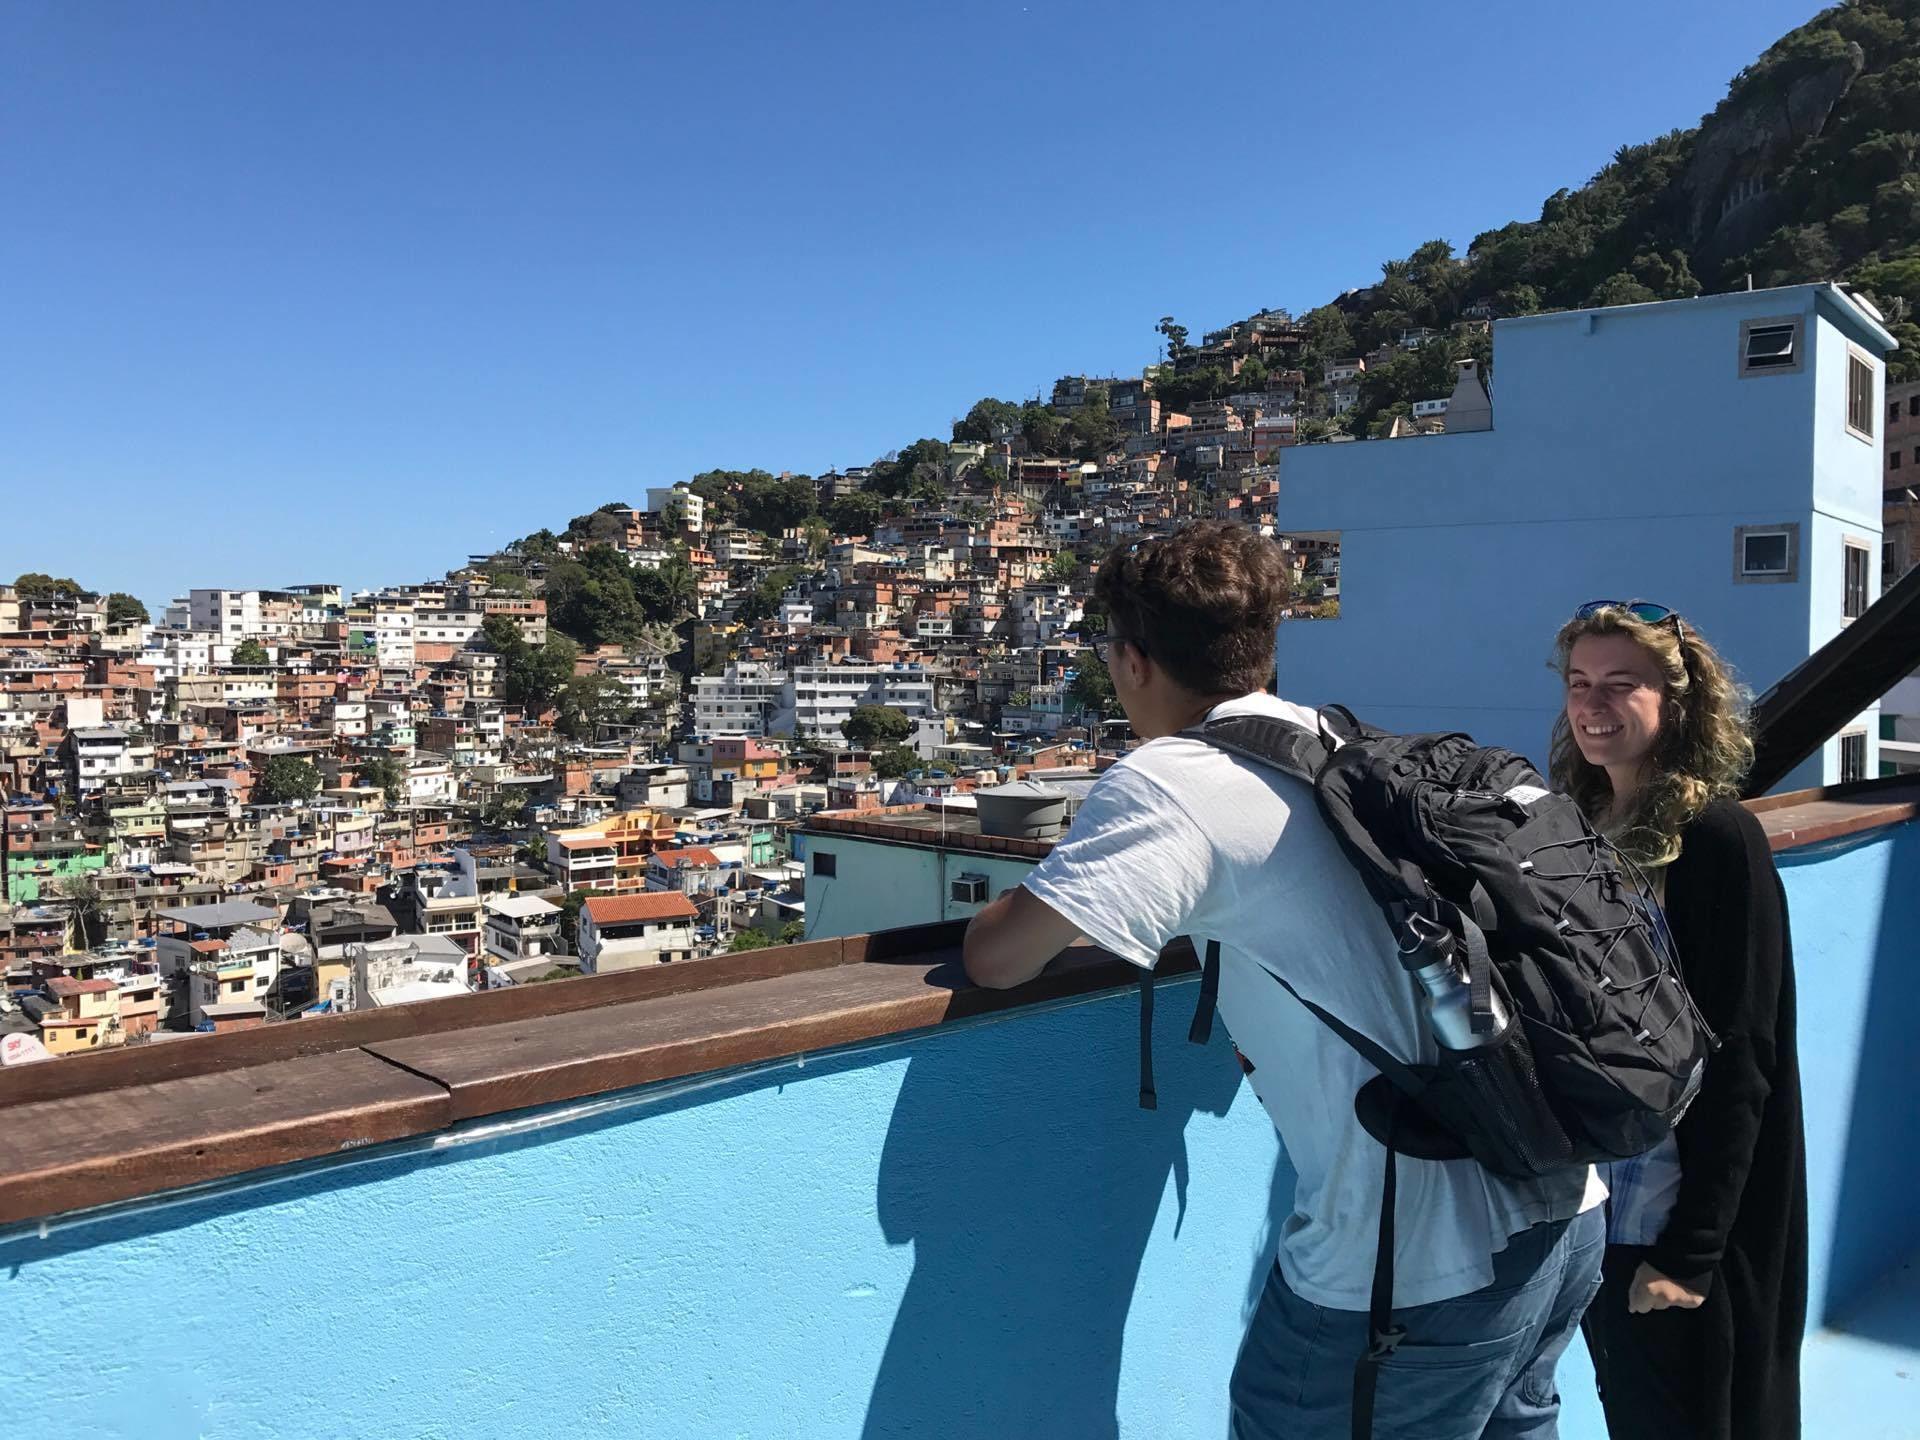 Tourists observing favelas of Rio de janeiro